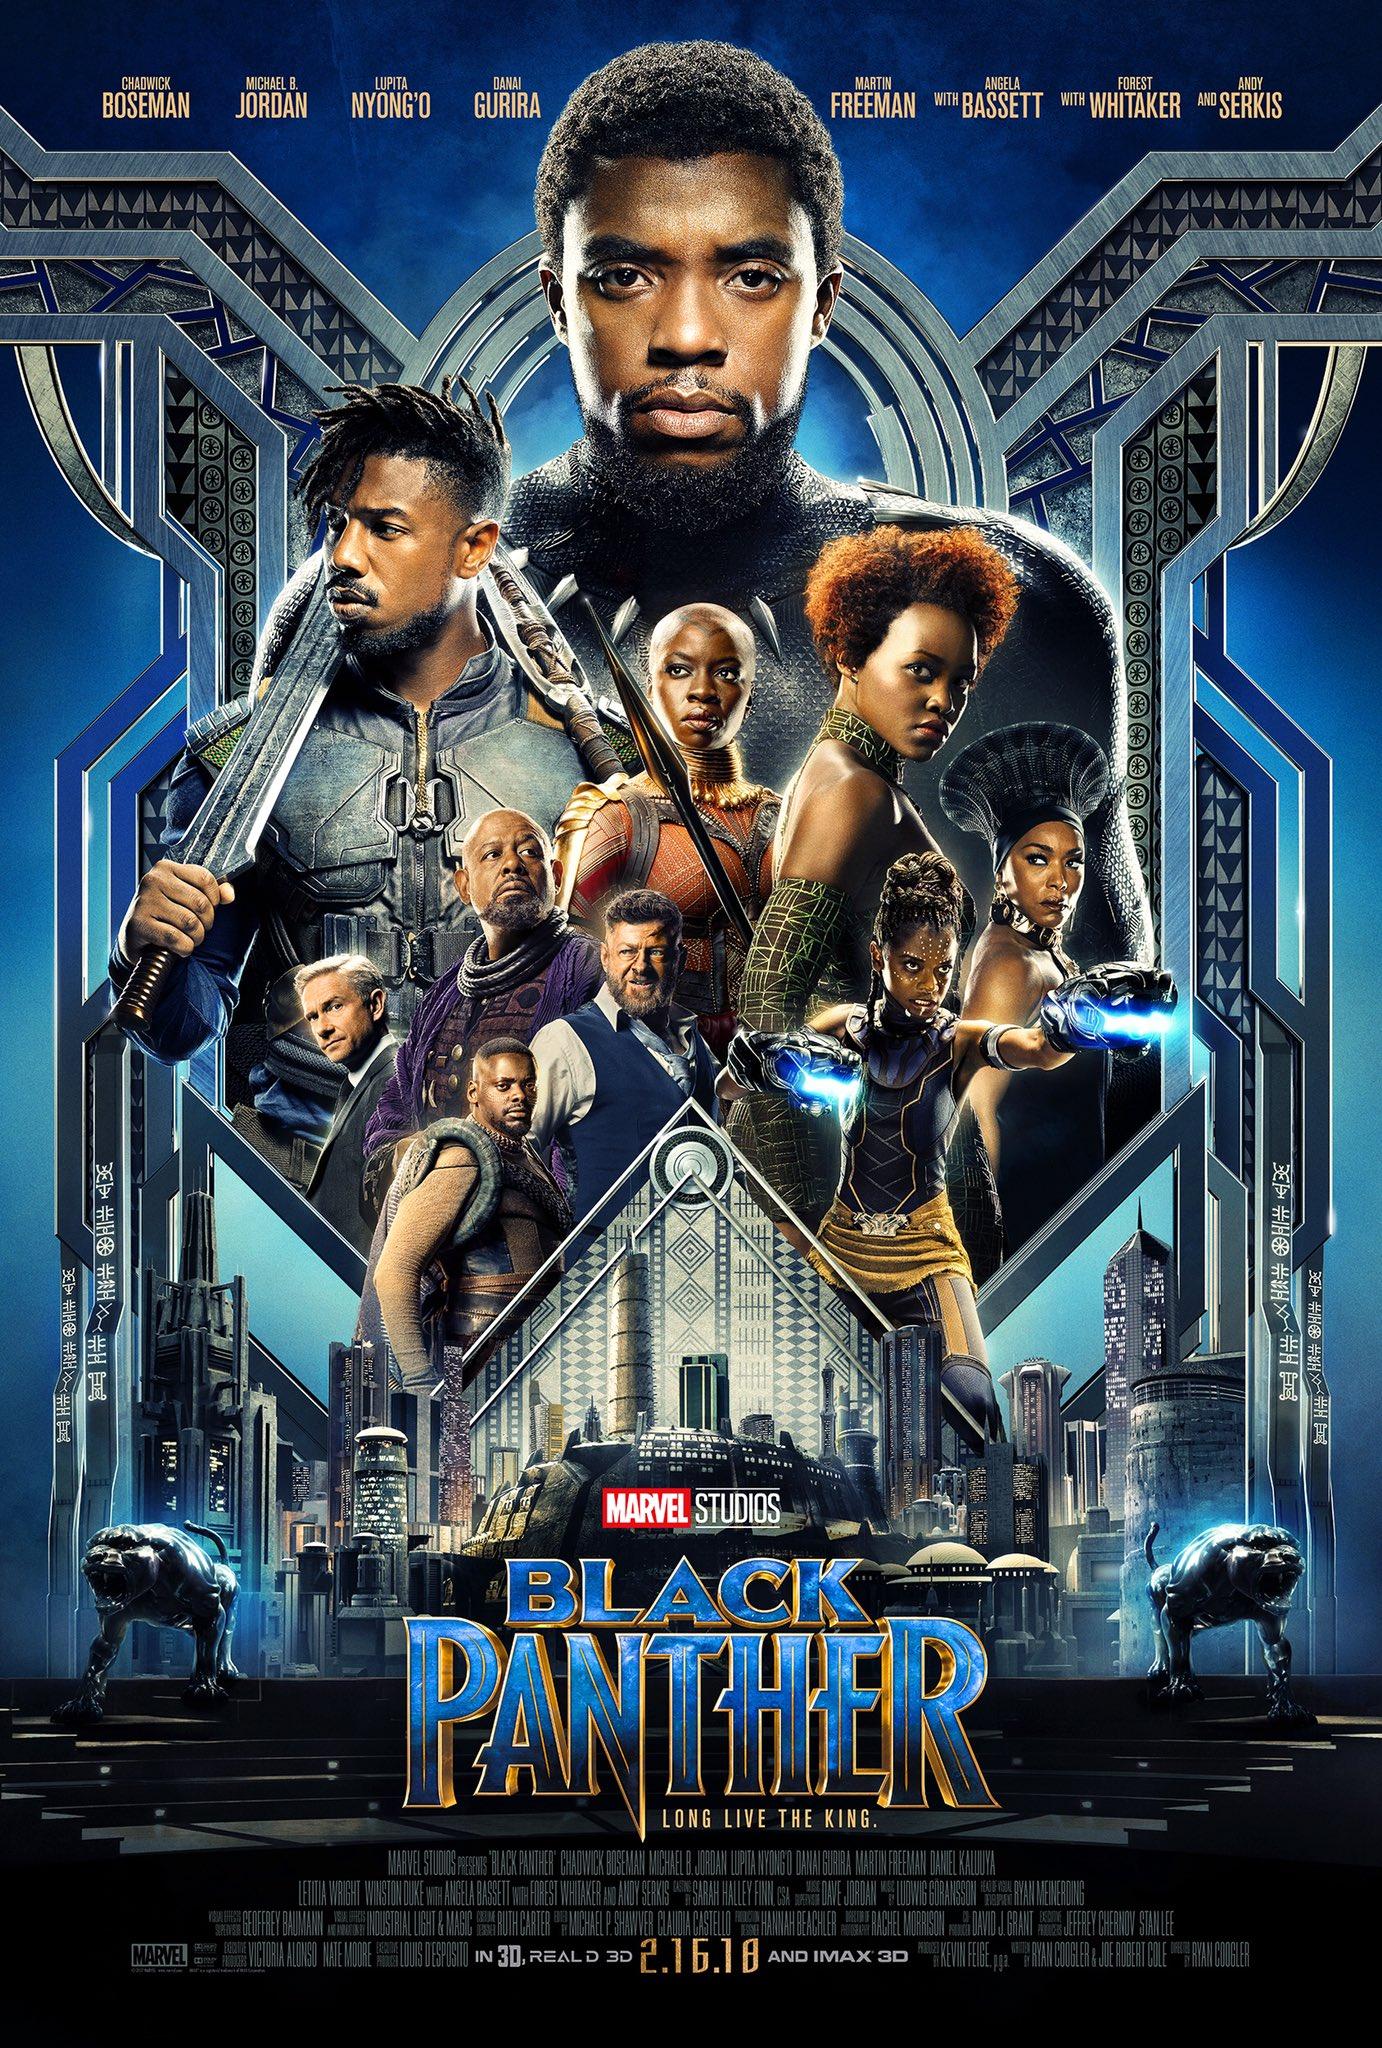 Black Panther Poster #2